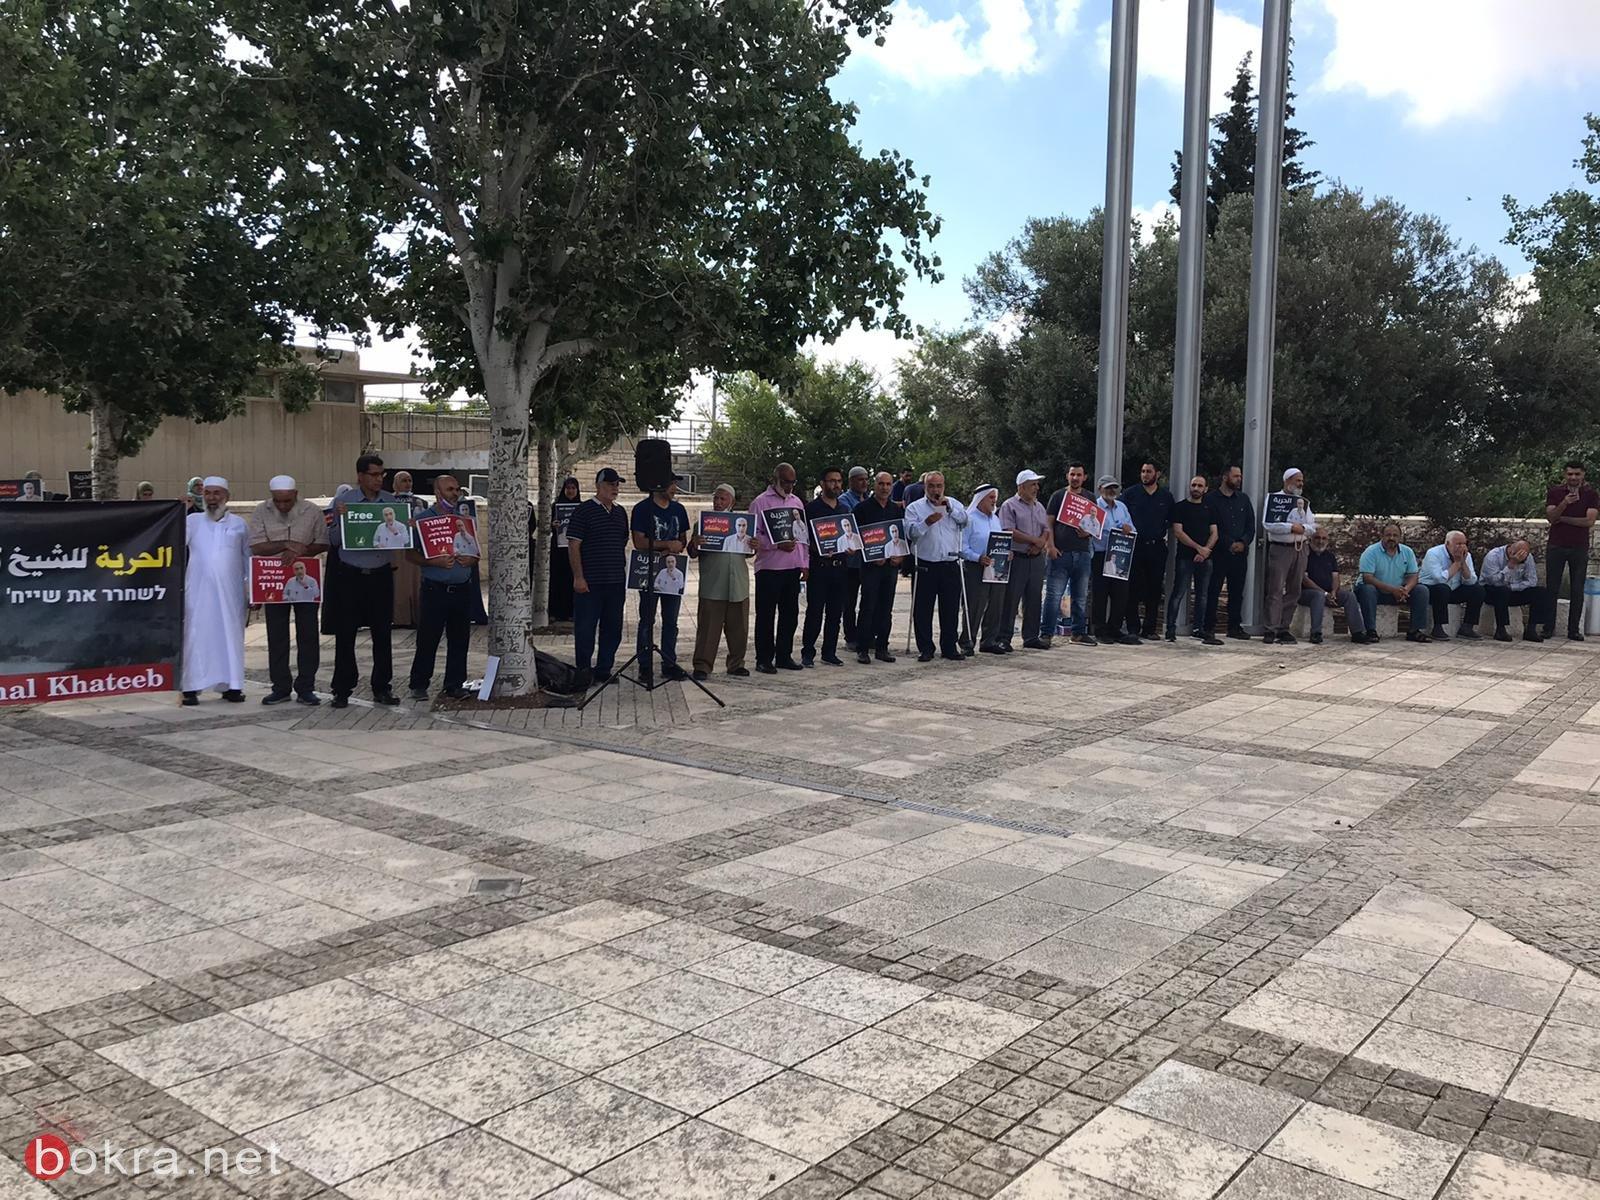 العشرات يتظاهرون امام محكمة الصلح والمحكمة تمدد اعتقال الشيخ كمال خطيب بيوم واحد-4